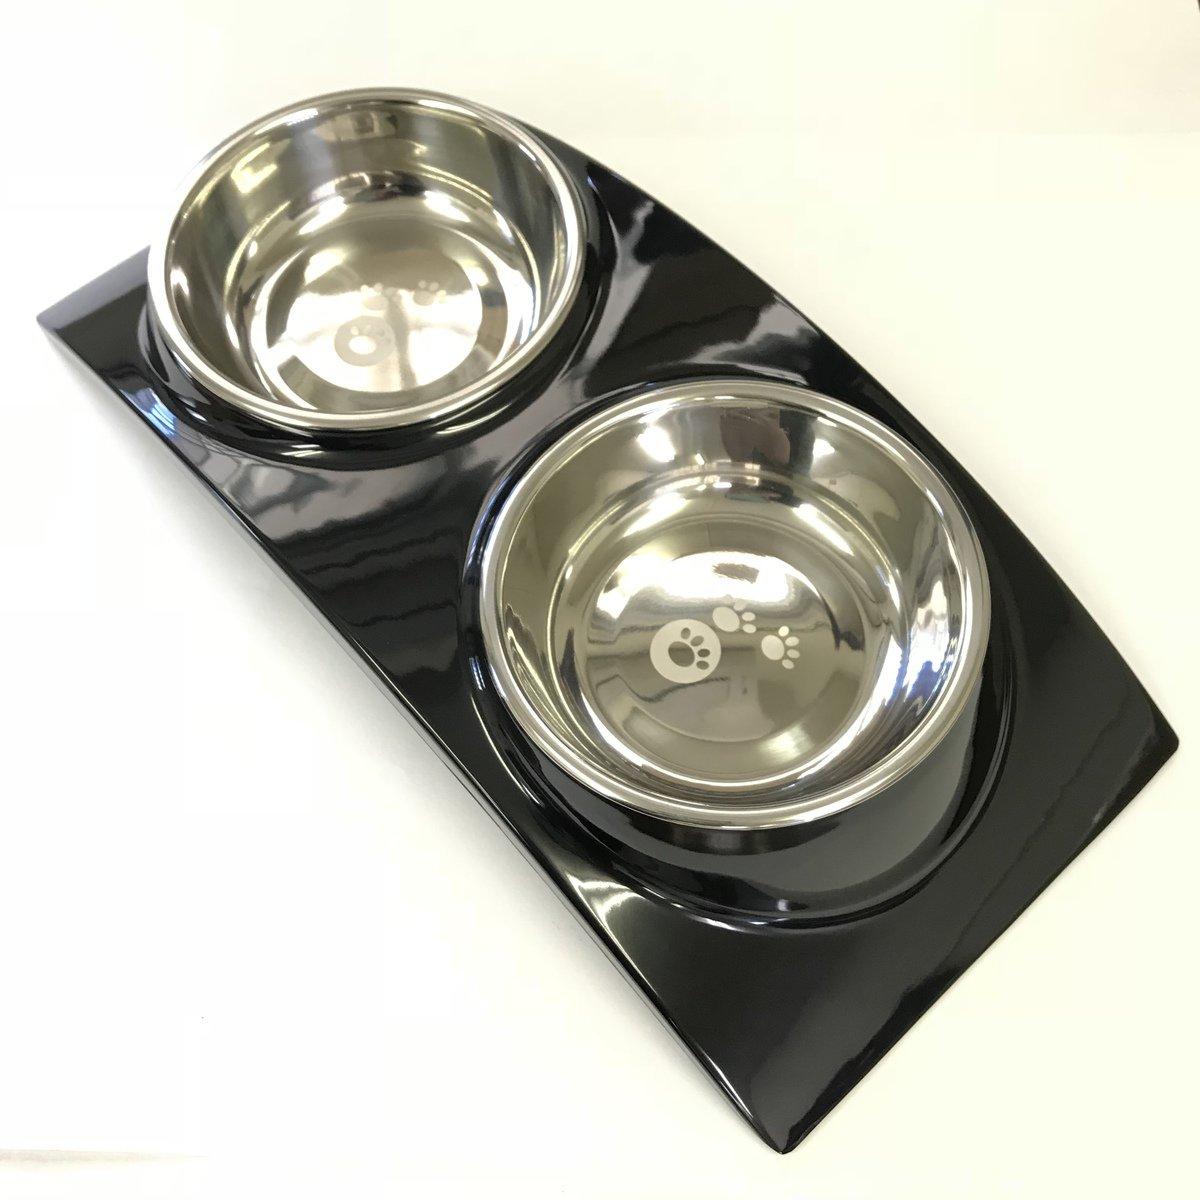 トムキャット [食器]レインボー ディナーセット L ブラック×6入【送料無料】